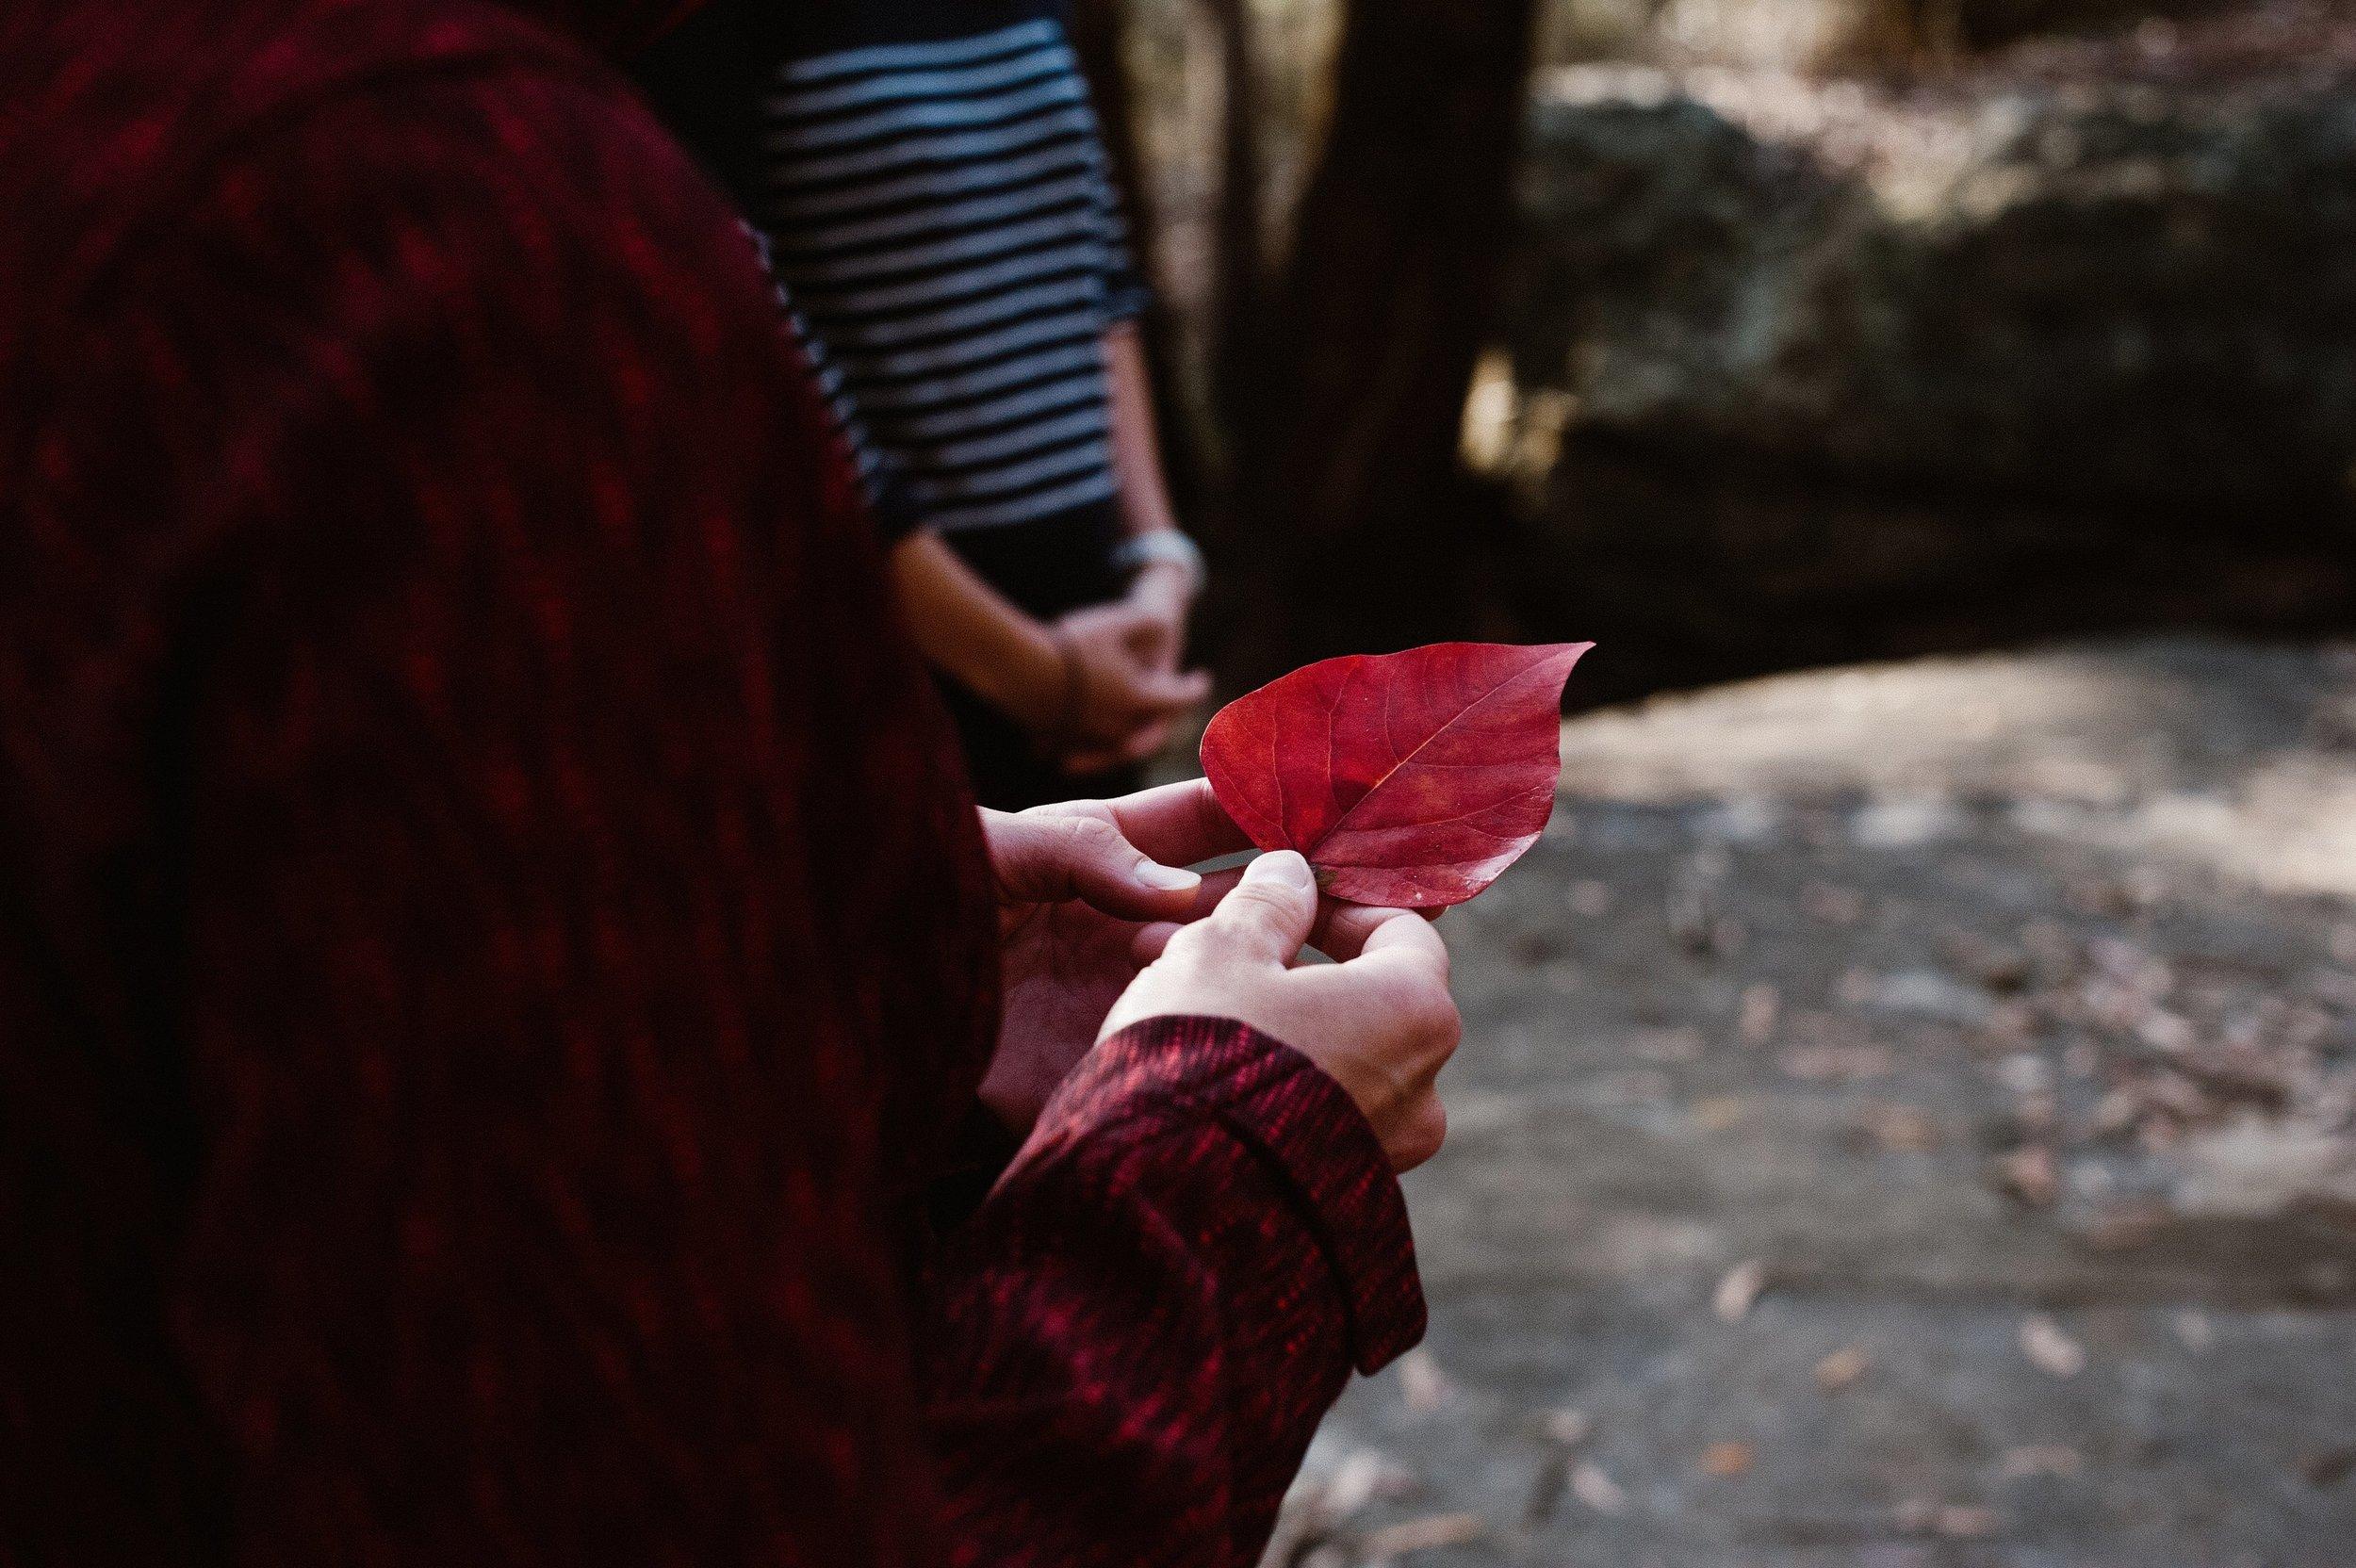 red leaf .jpg